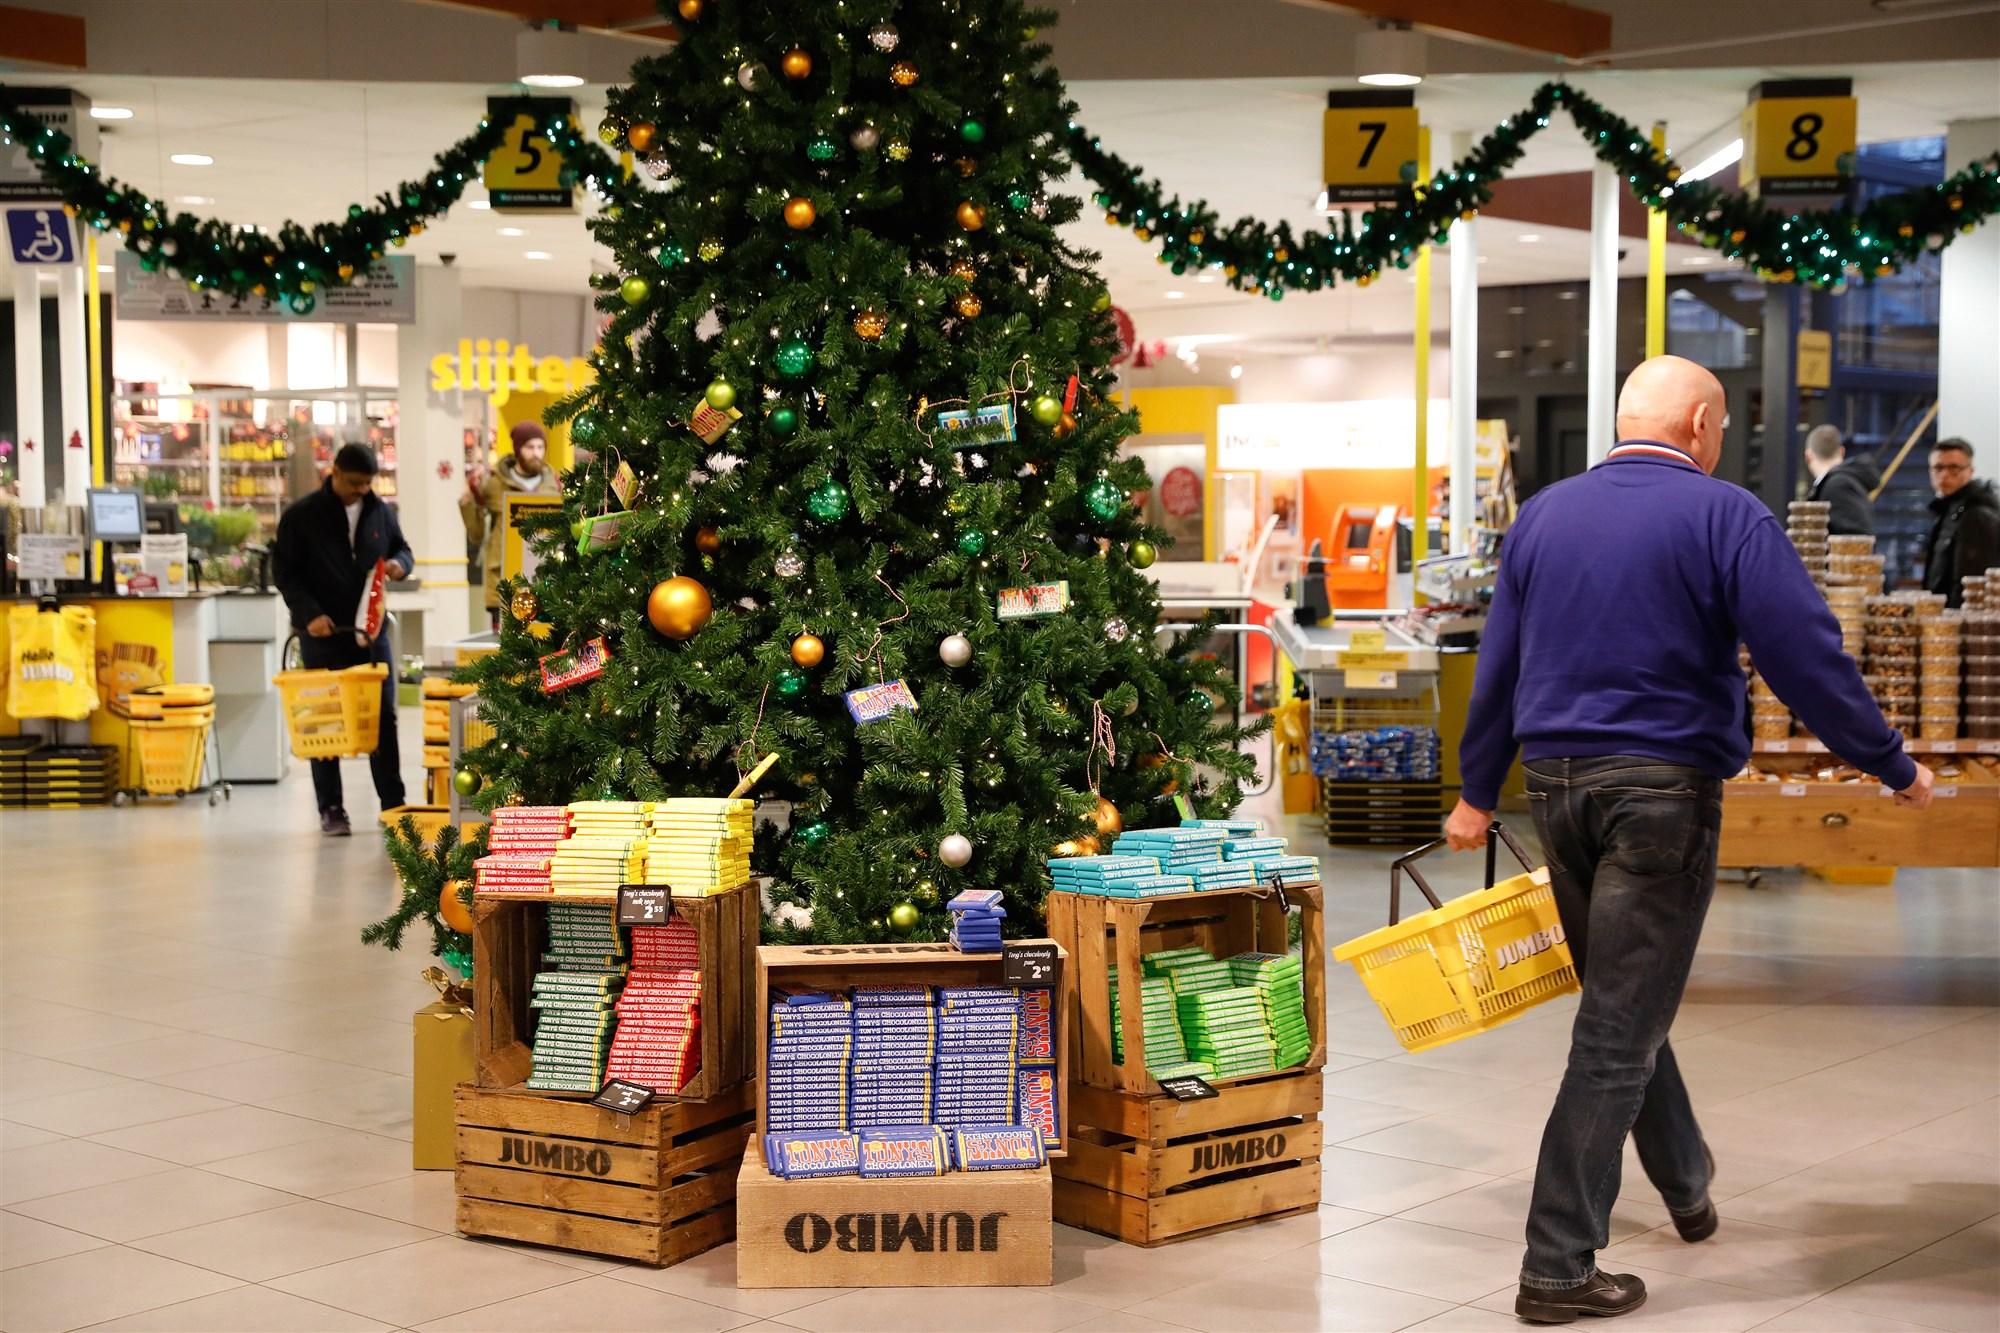 winkels open met kerst 2020 Goed om te weten: deze supermarkten zijn open met kerst in Helmond